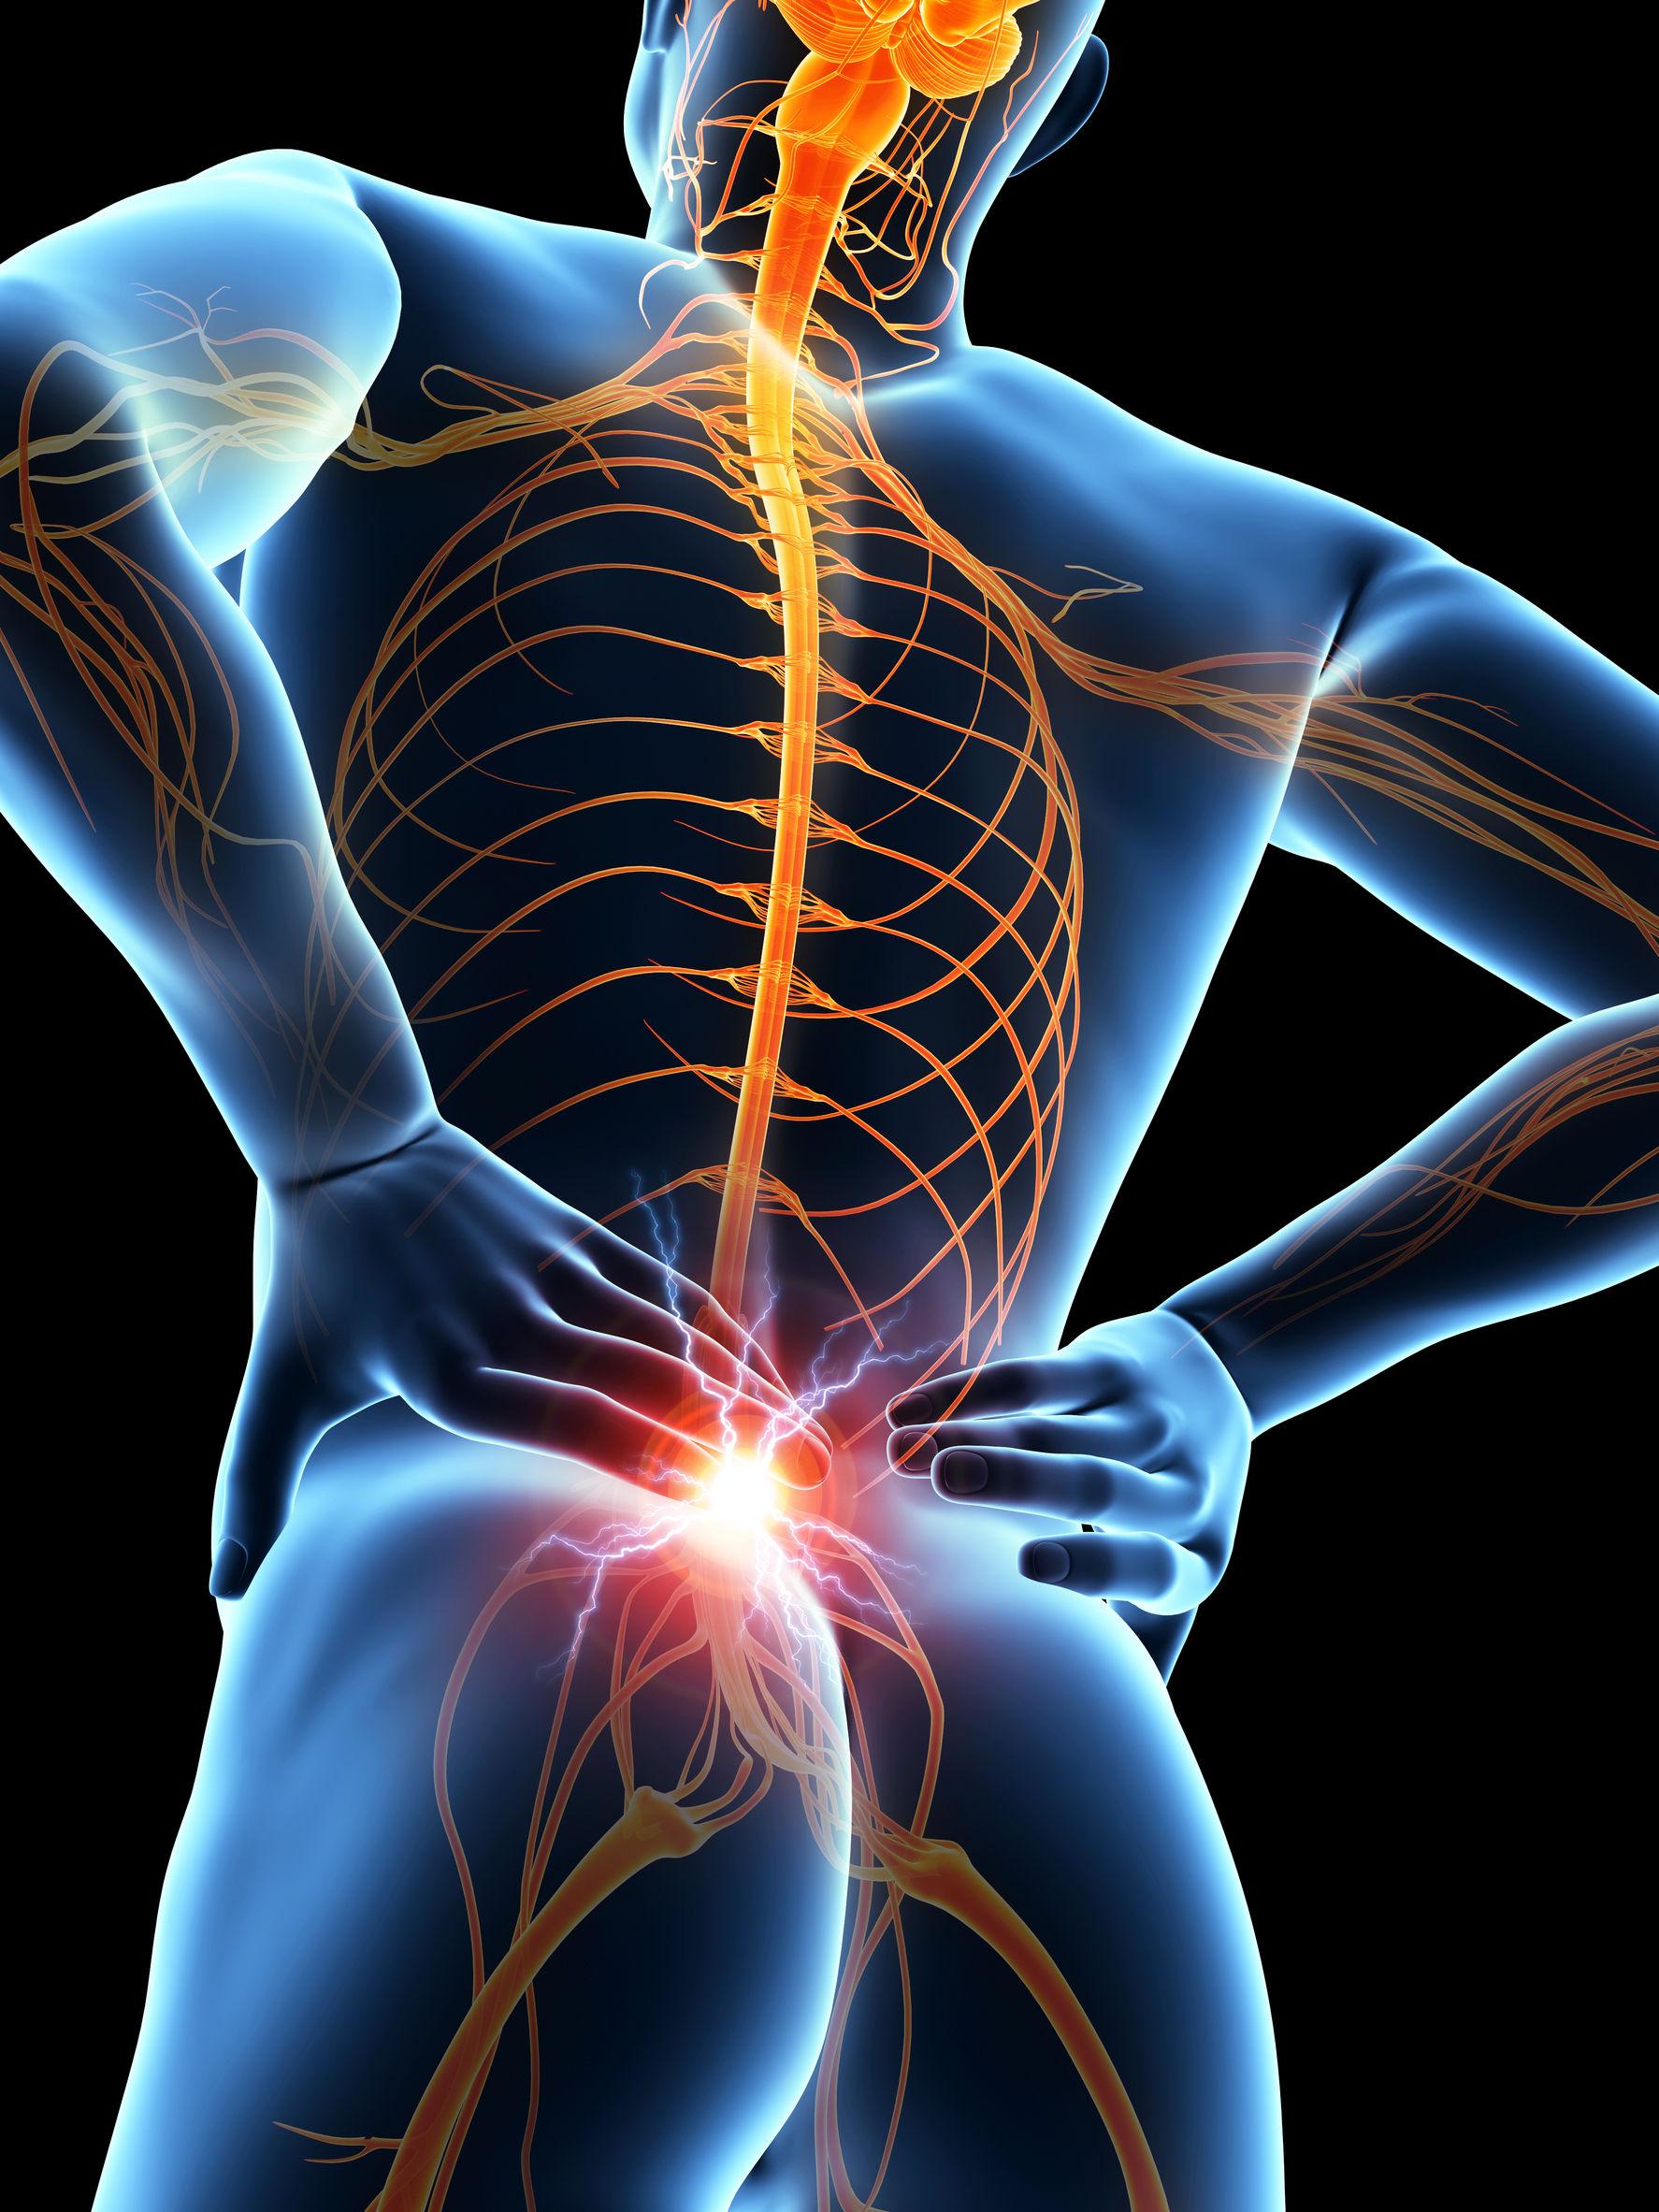 Afbeeldingsresultaat voor rugpijn en kleding